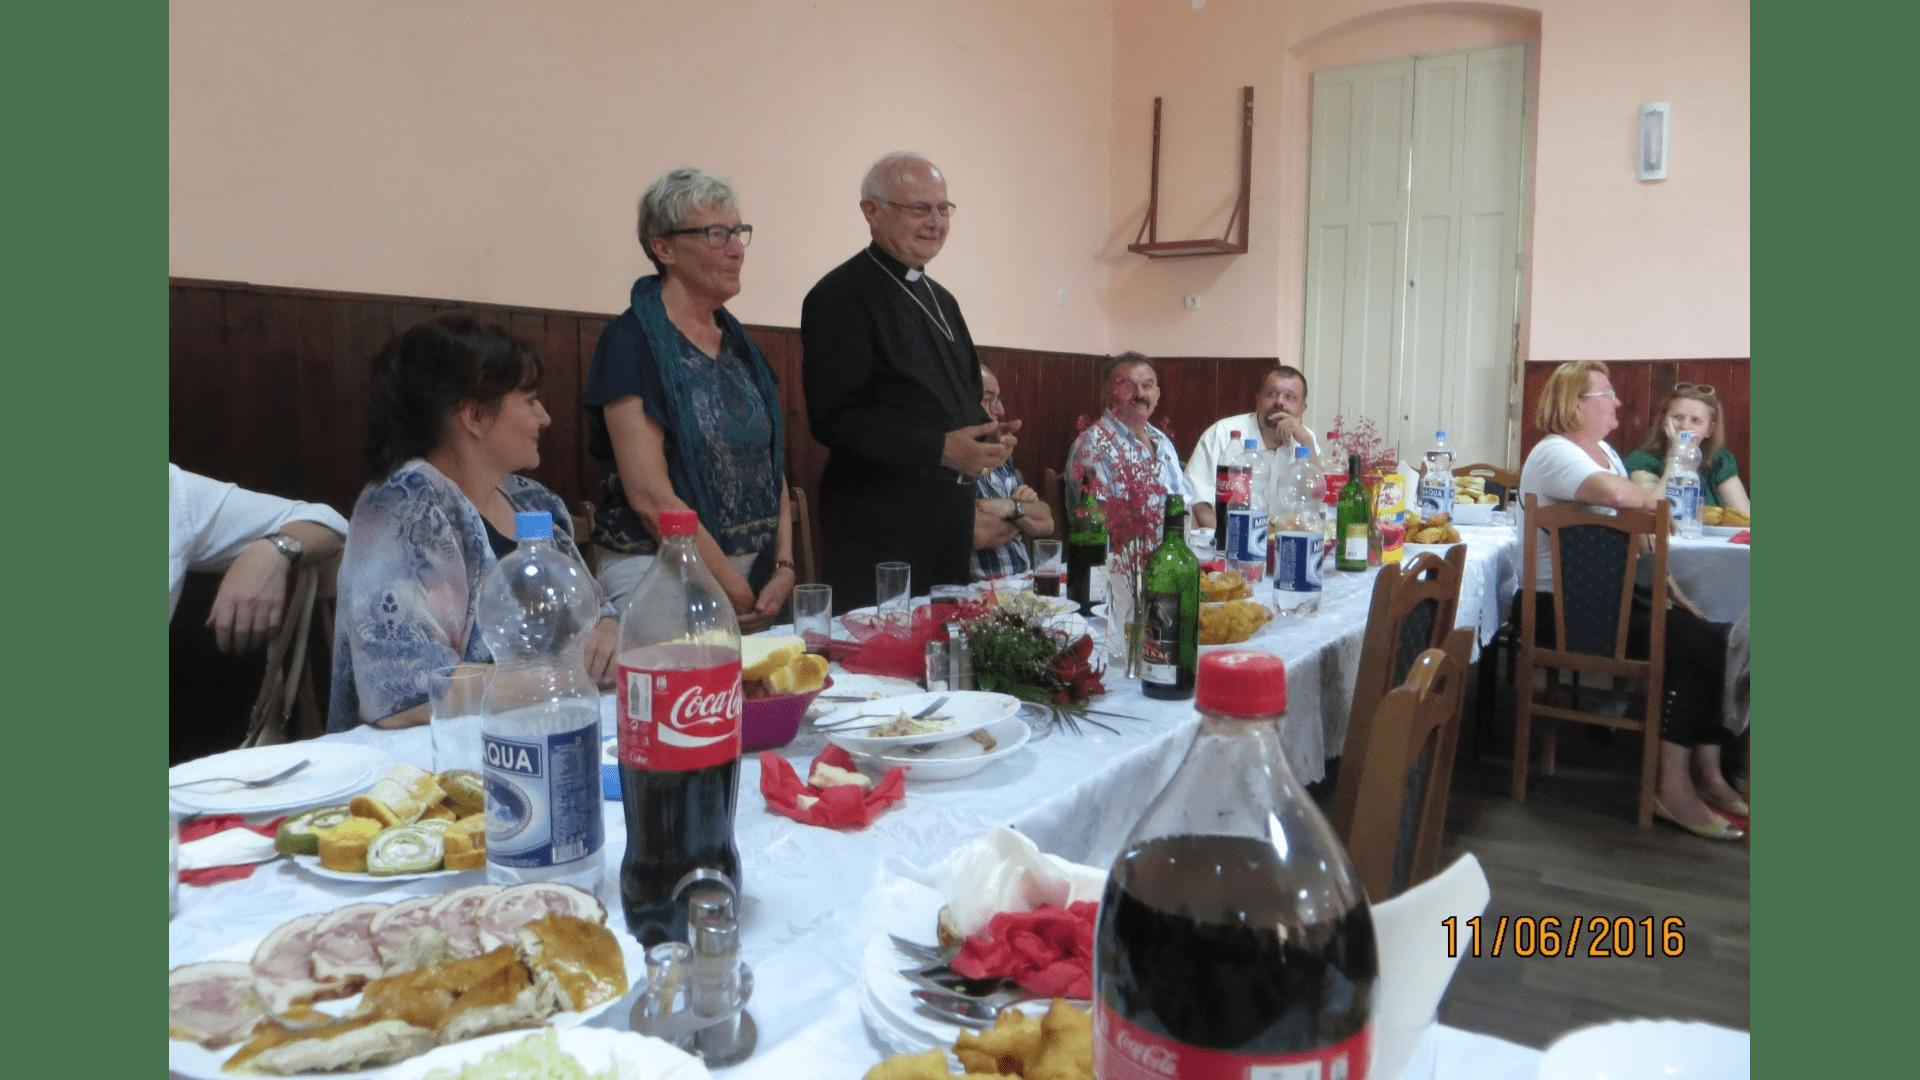 Festbankett mit dem Ortsvorstand zu Ehren unseres Besuches in Backi Gracac 2016. Für die Bewirtung sorgte ein zahlreiches Helferteam. Foto: Archiv Freundeskreis Filipowa